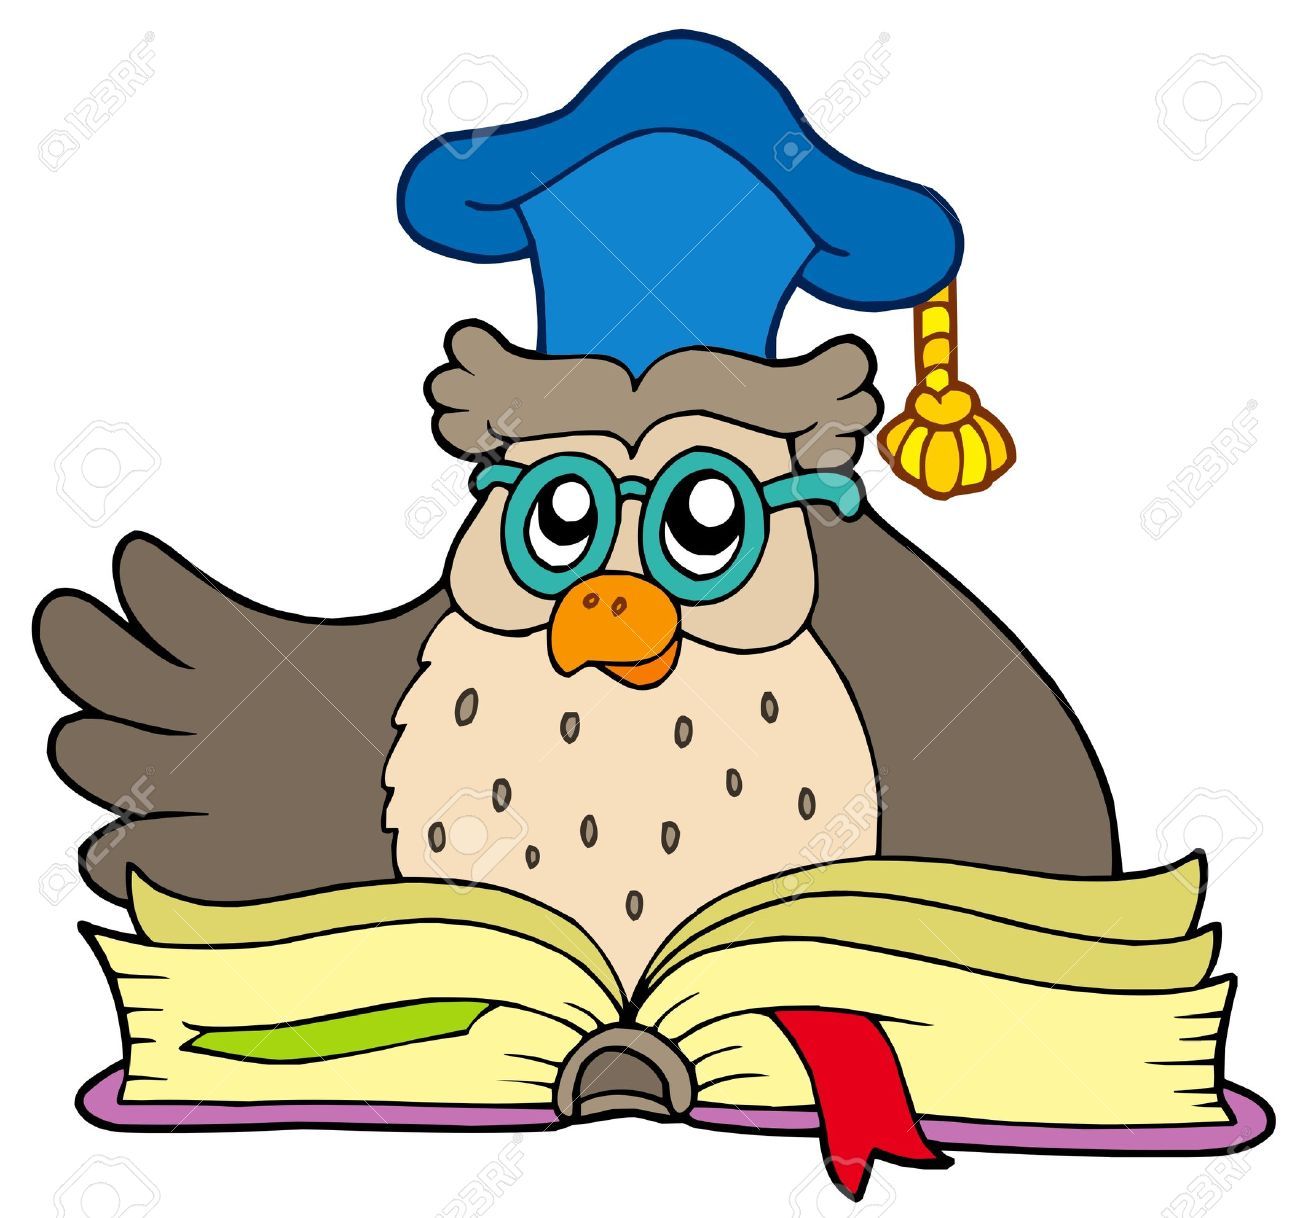 Cartoon owl teacher with book - vector illustration. Stock Vector - 5257712